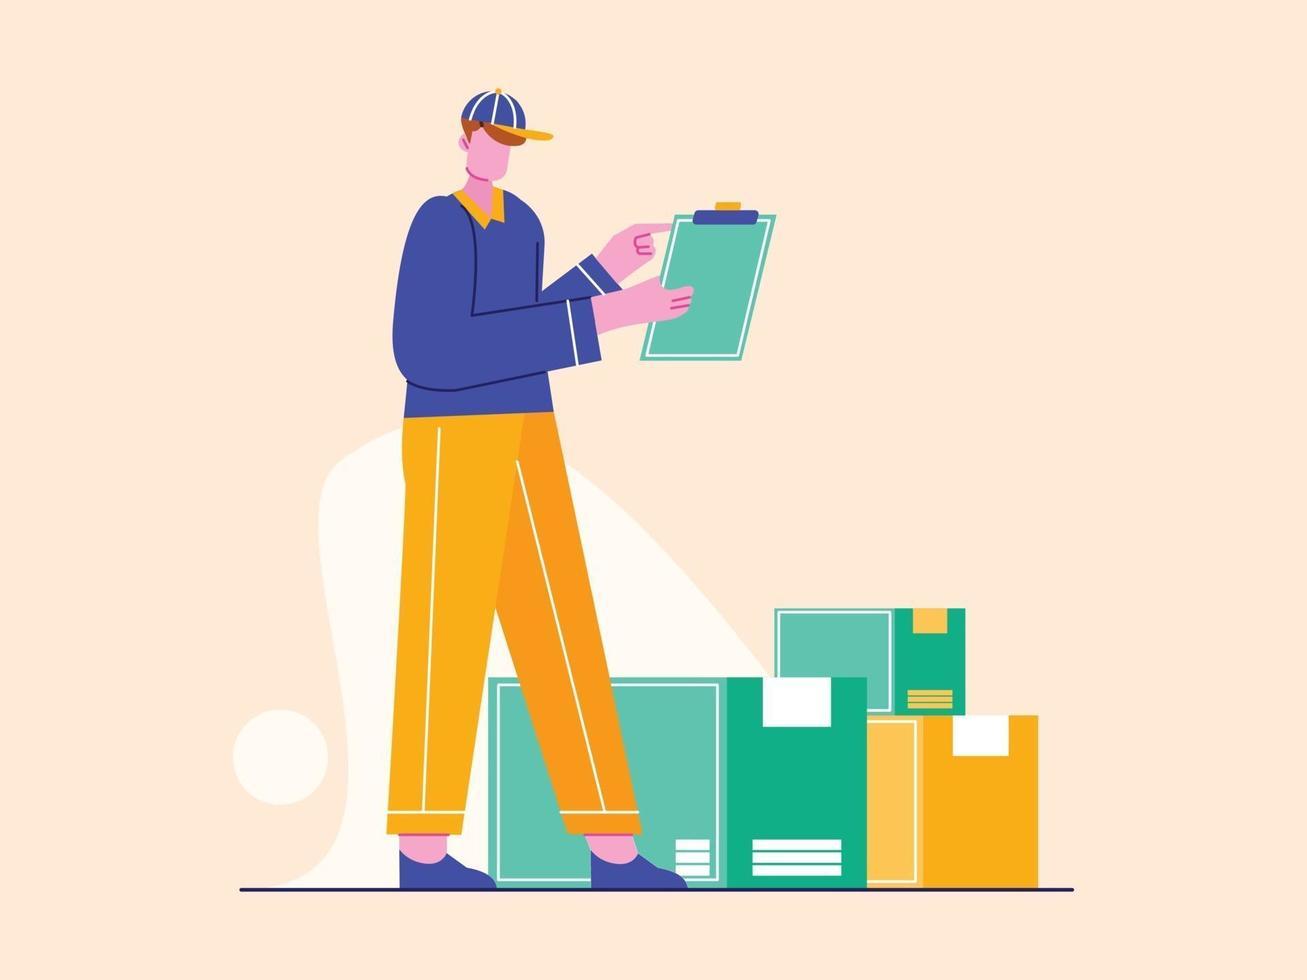 correio com ilustração vetorial de parcelas. conceito de serviço de entrega em estilo simples vetor